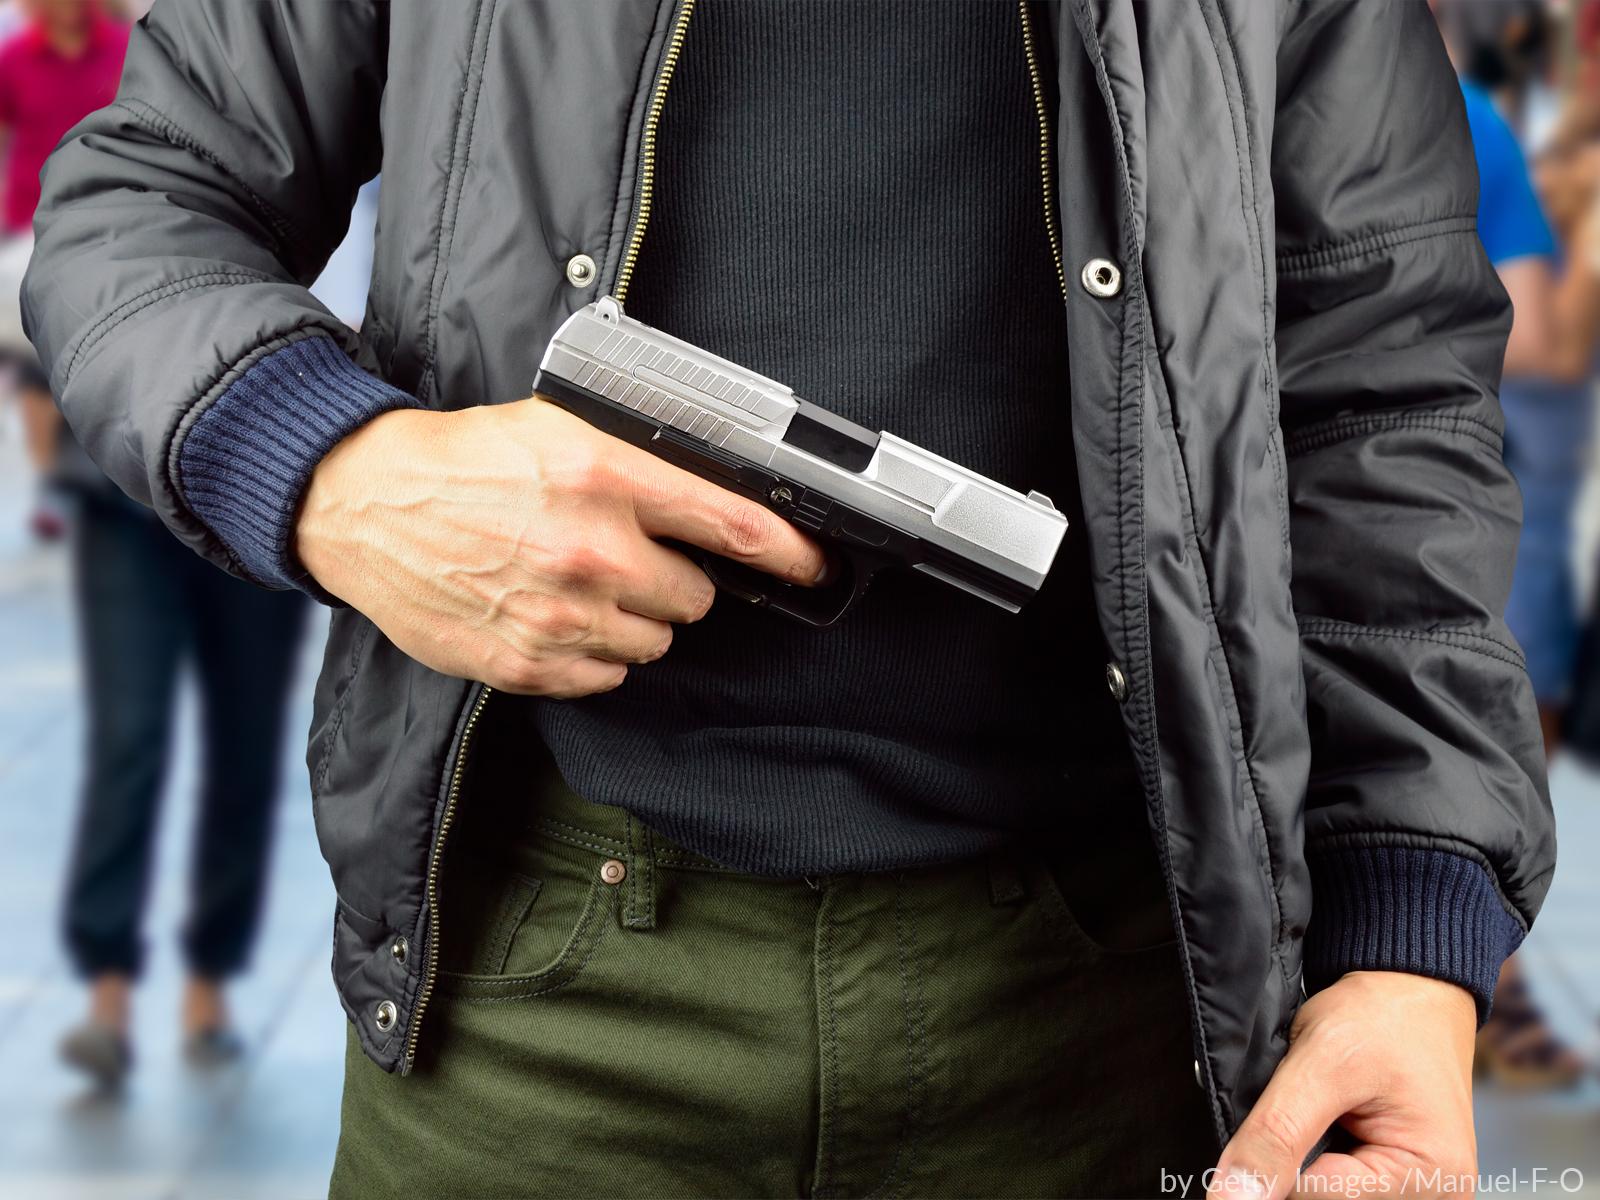 O que a Igreja diz sobre posse de armas?